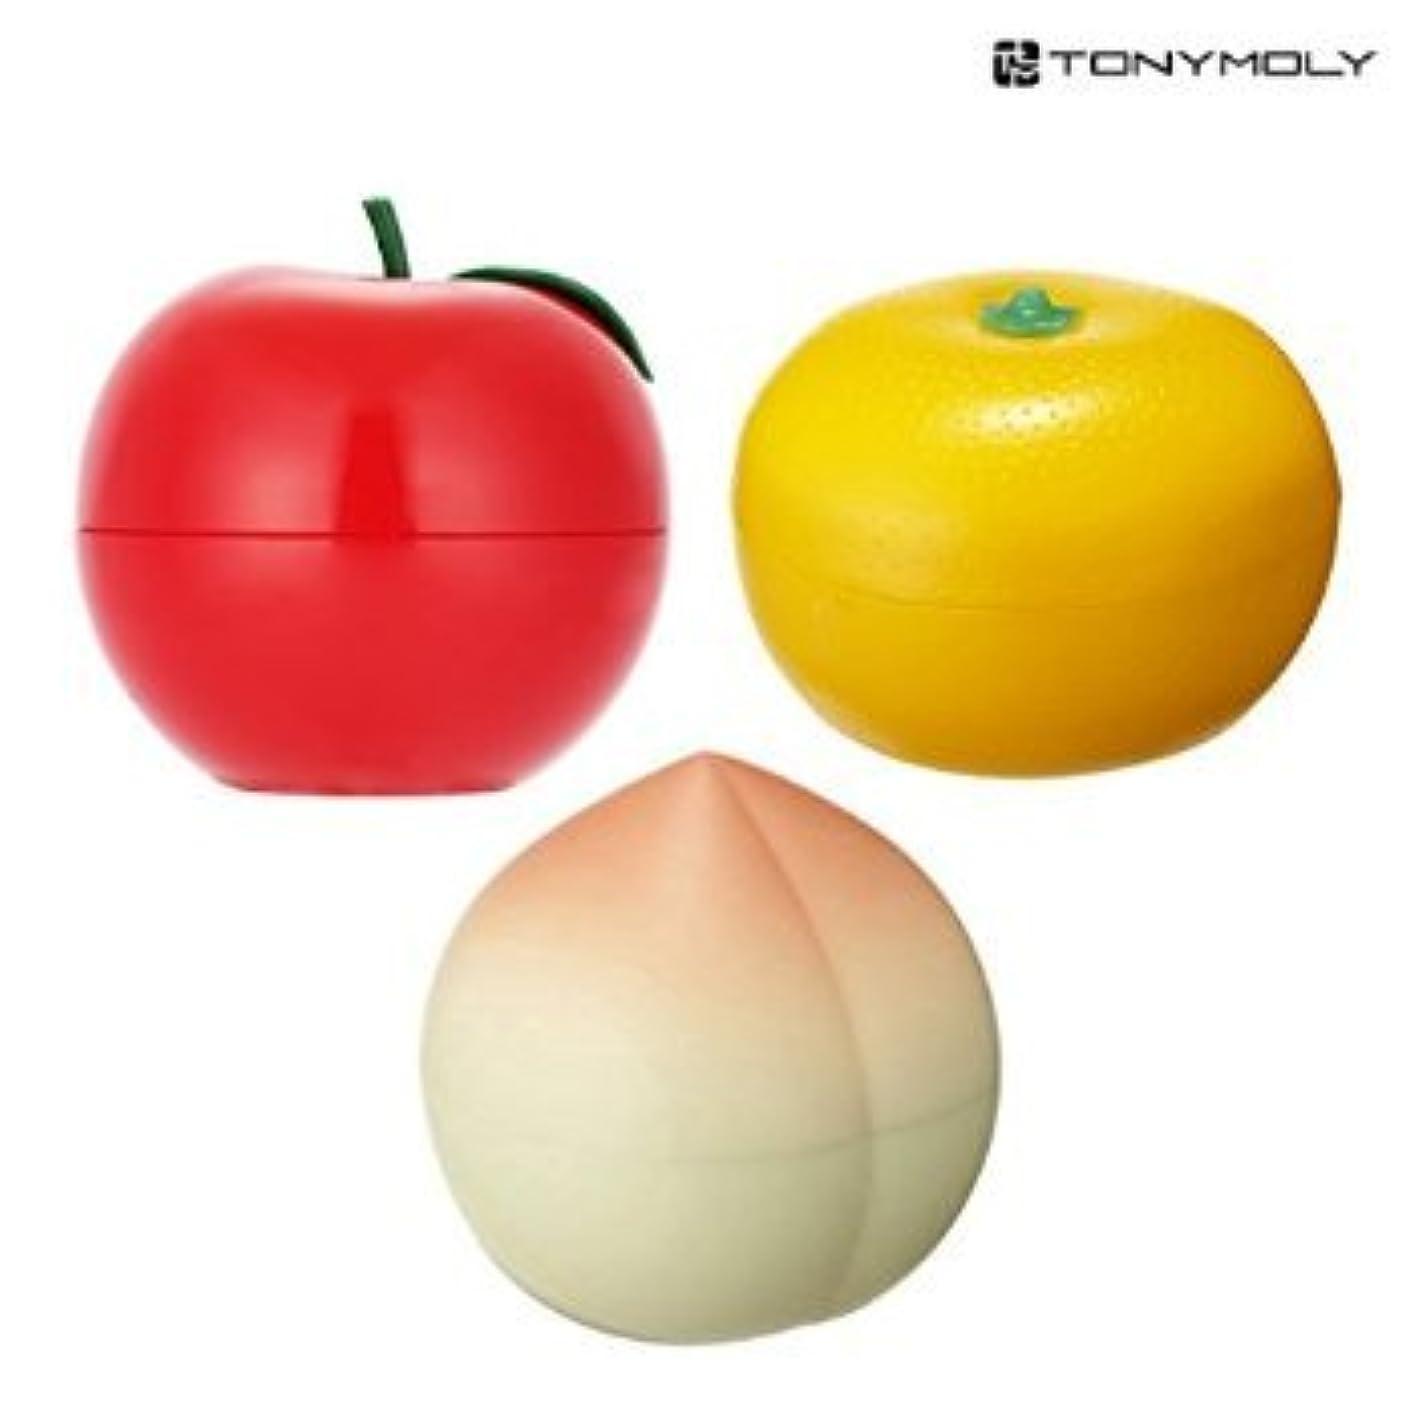 前売他の場所僕のTONYMOLY Fruit Hand Cream (3 Set (Red Apple + Tangerine + Peach))